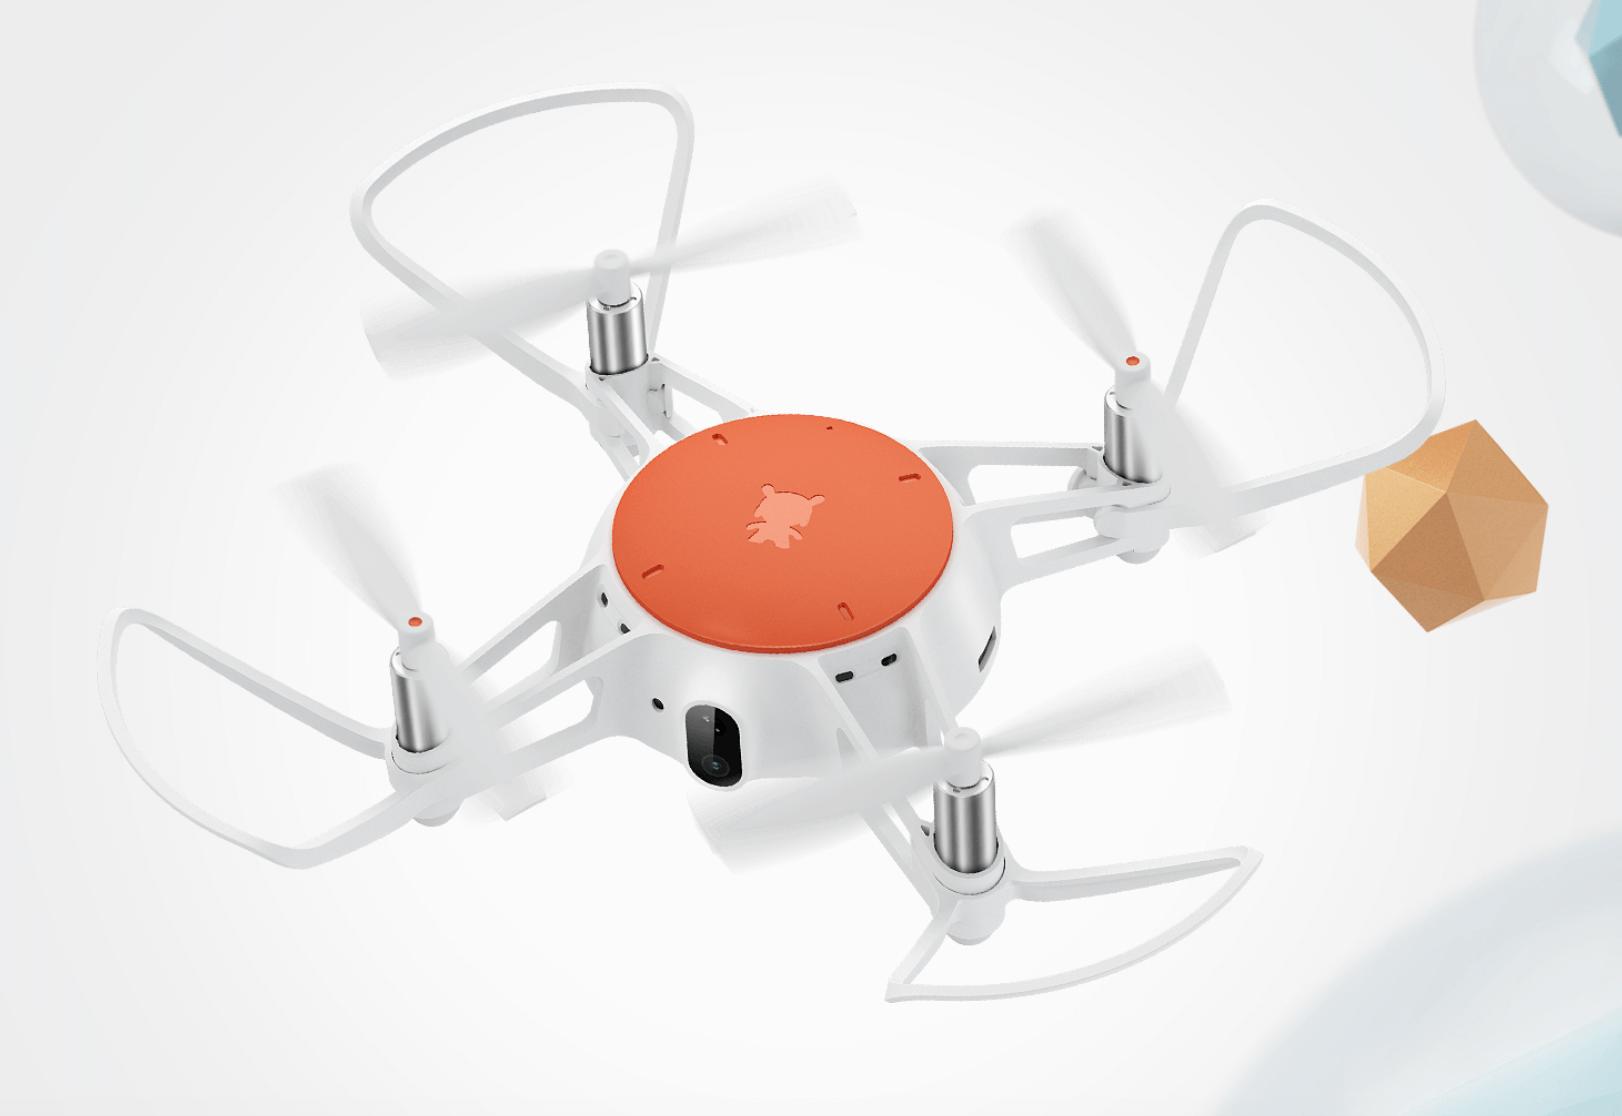 遥控飞机什么牌子好?遥控飞机玩具品牌排行榜推荐